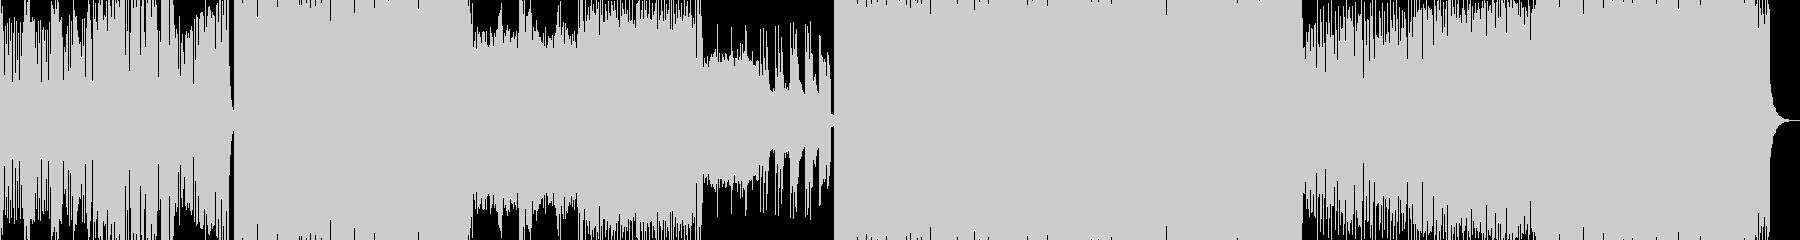 シンセリードが響くトランスの未再生の波形